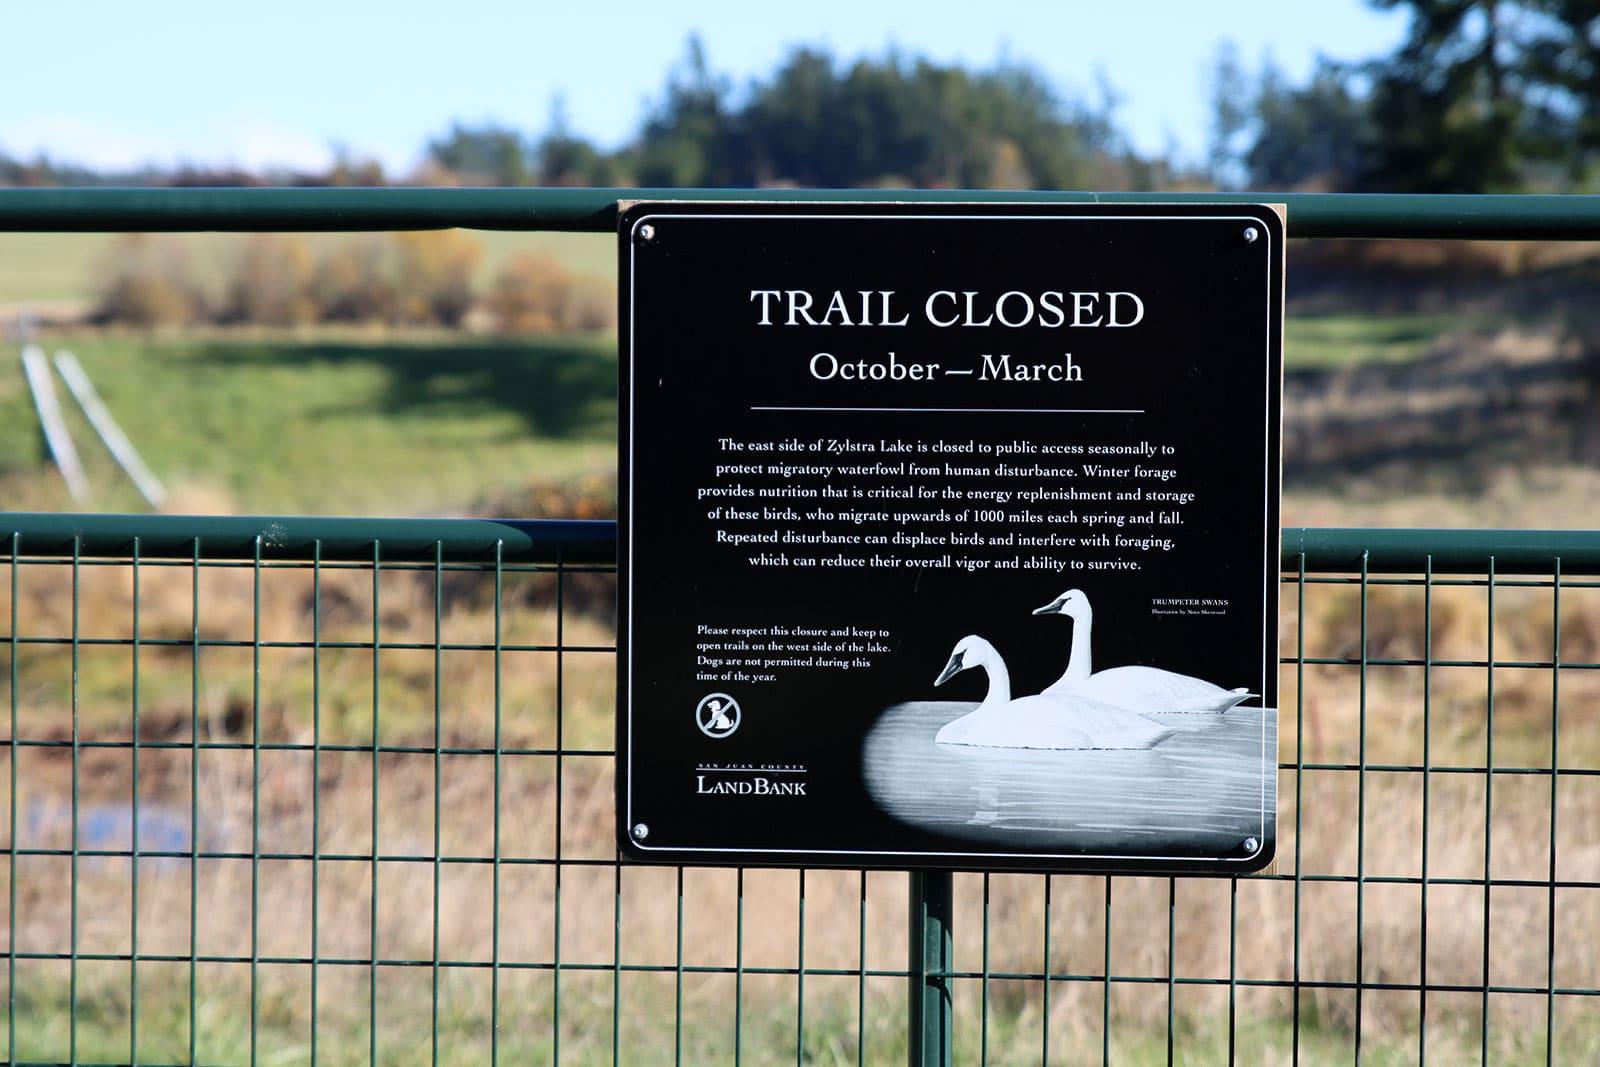 Zylstra Lake Preserve fences